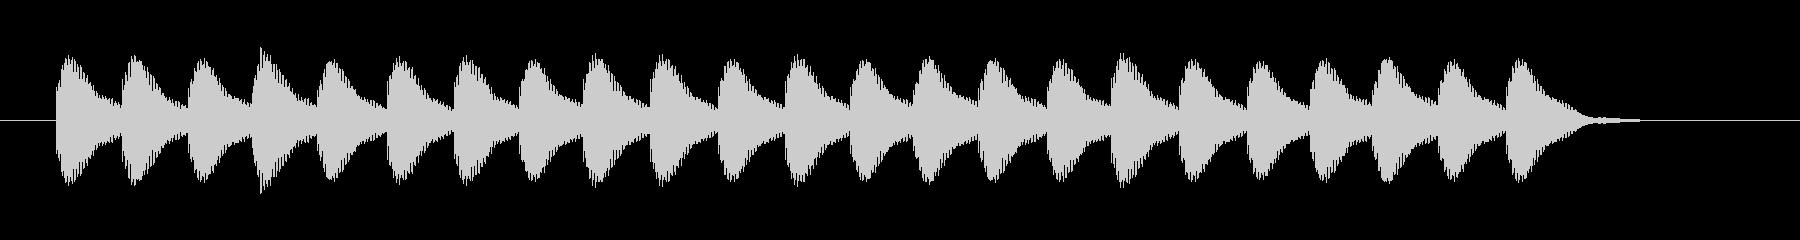 カンカンカンカンの未再生の波形